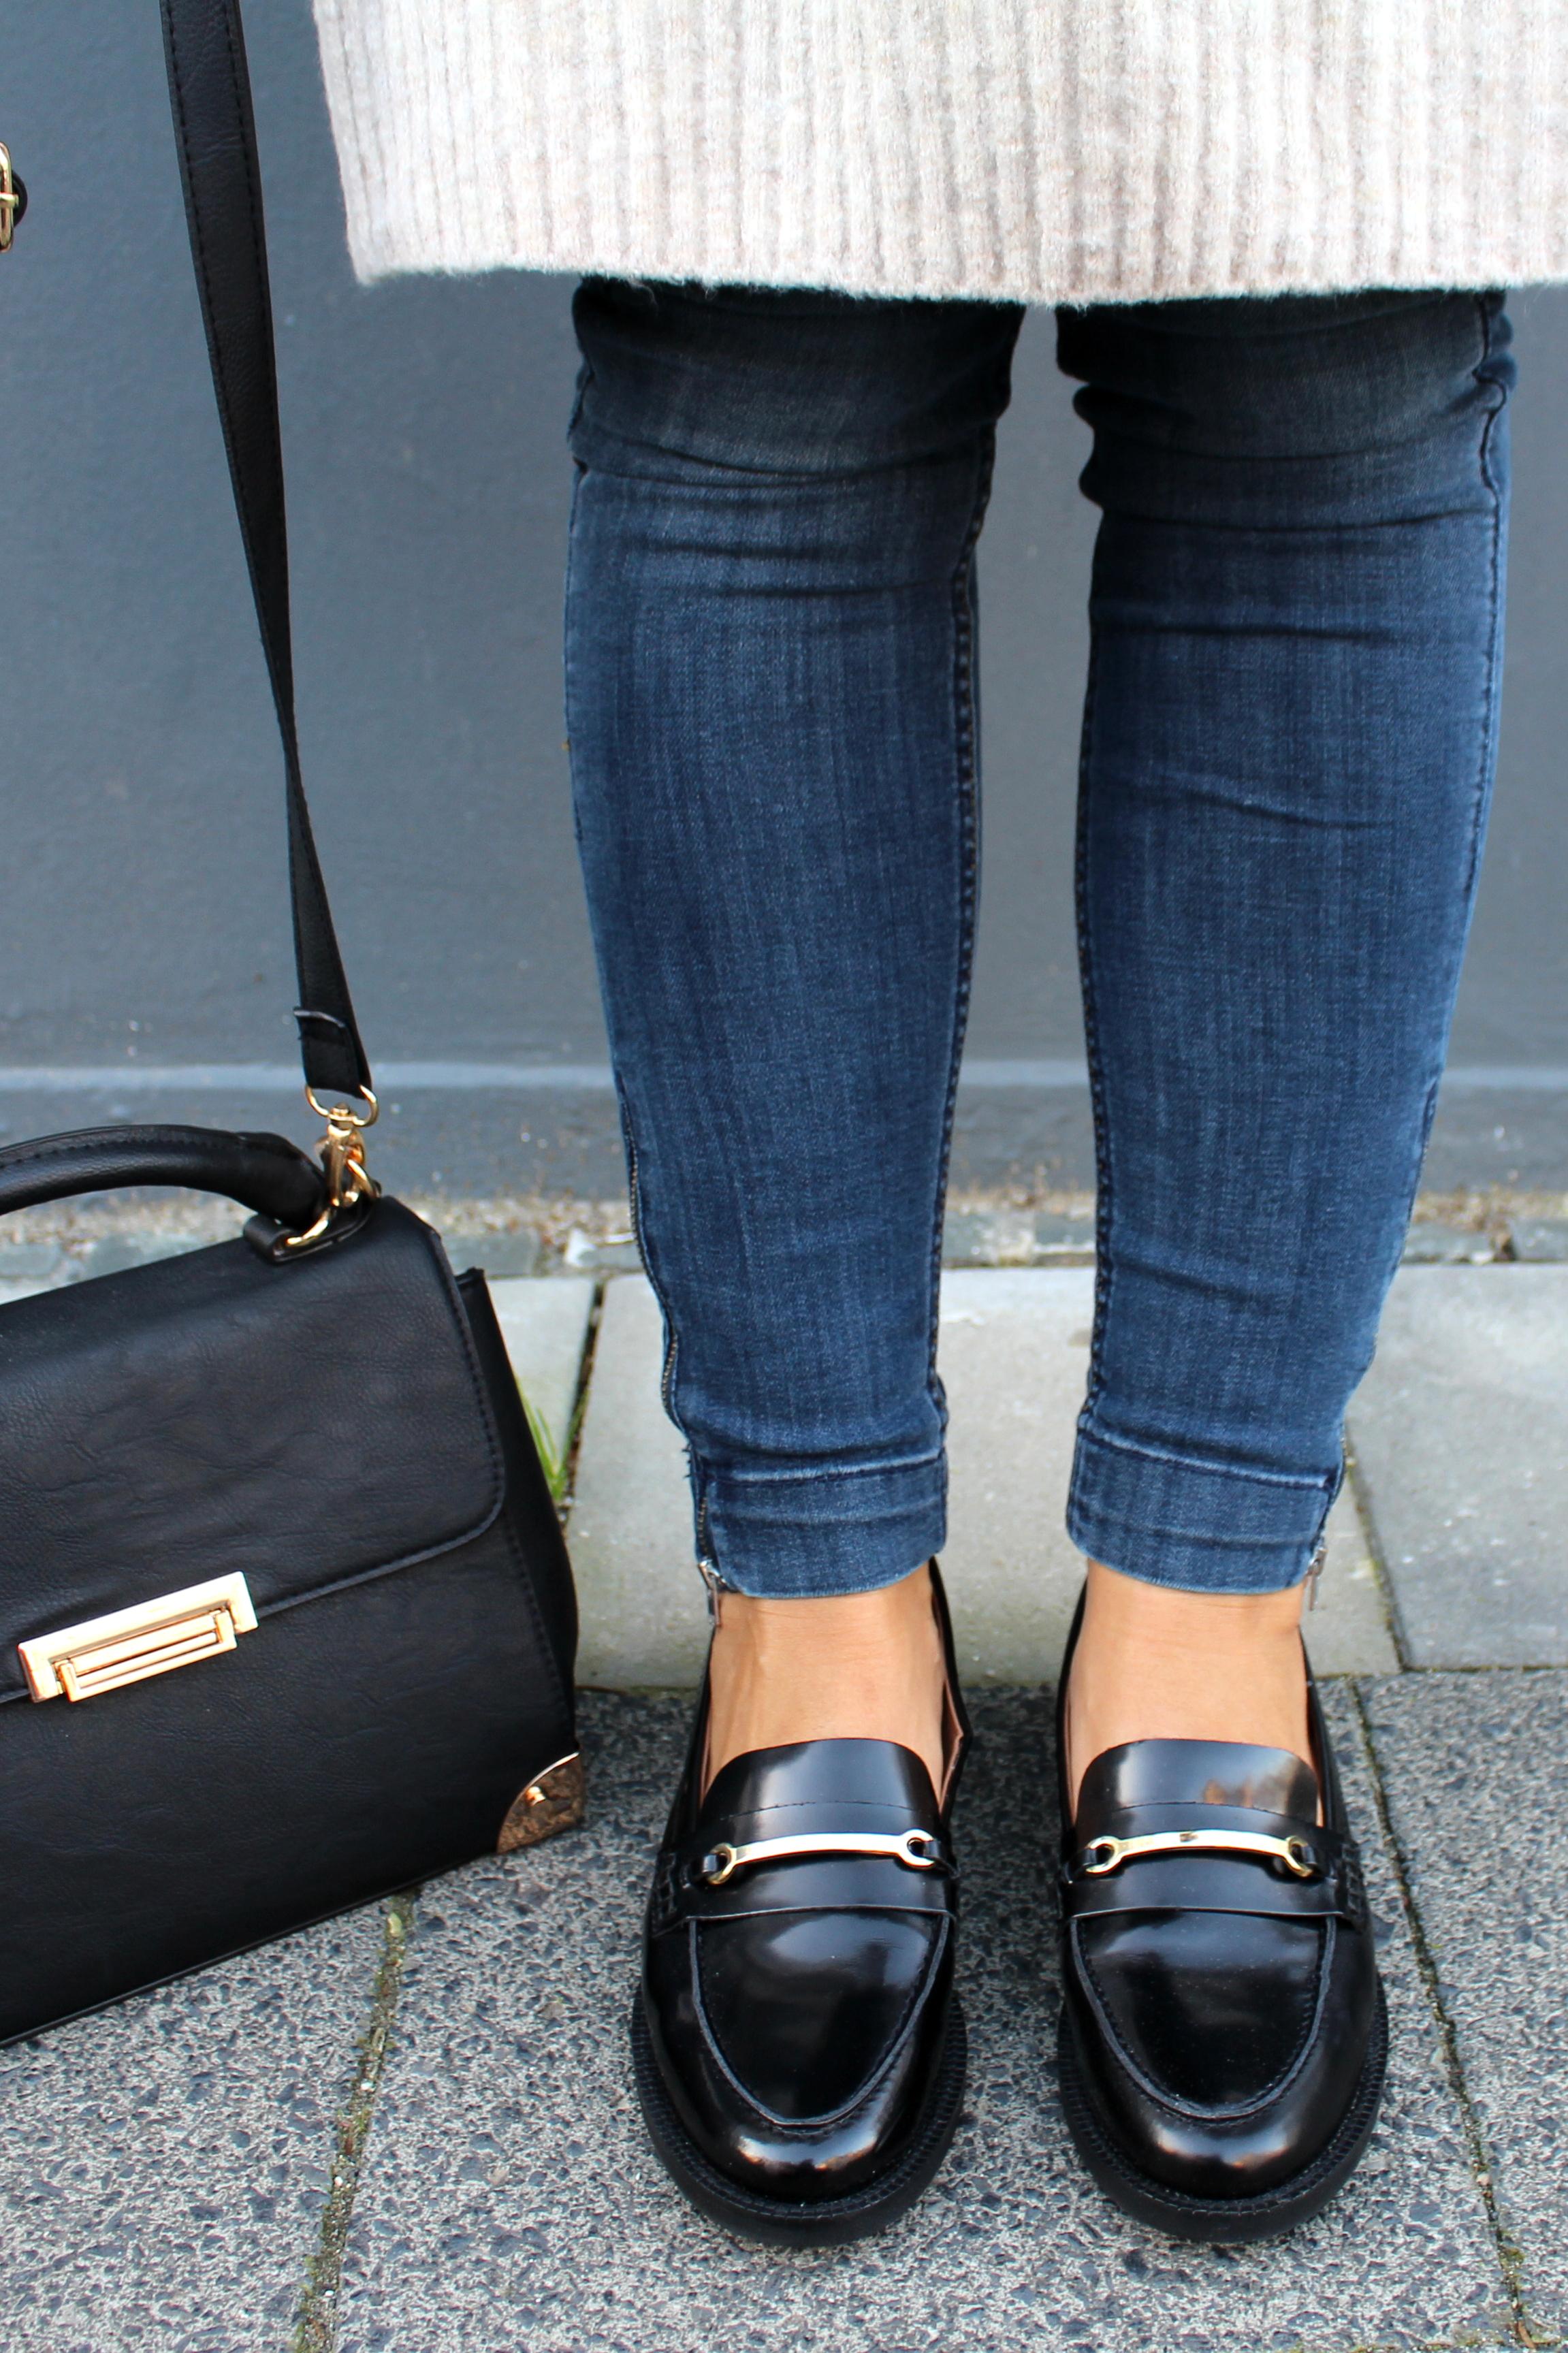 Fashioncircuz by Jenny img_0003 KUSCHELPULLI XXL